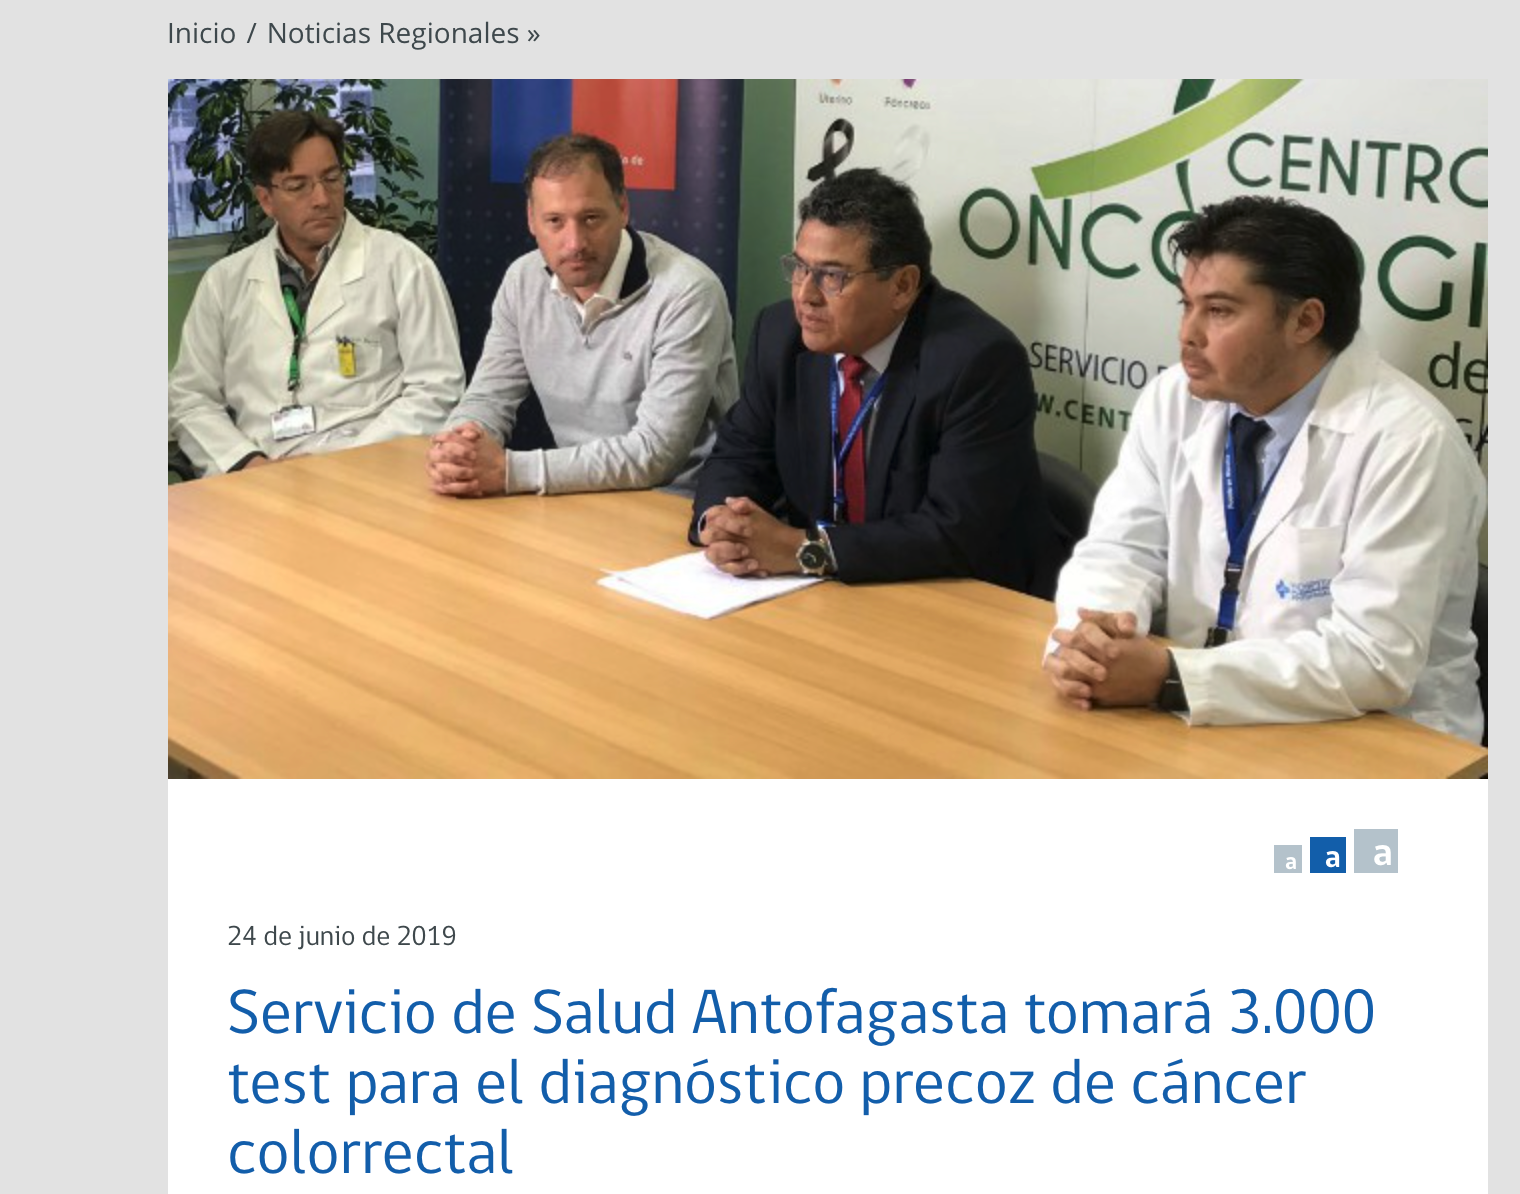 Servicio de Salud Antofagasta tomará 3.000 test para el diagnóstico precoz de cáncer colorrectal